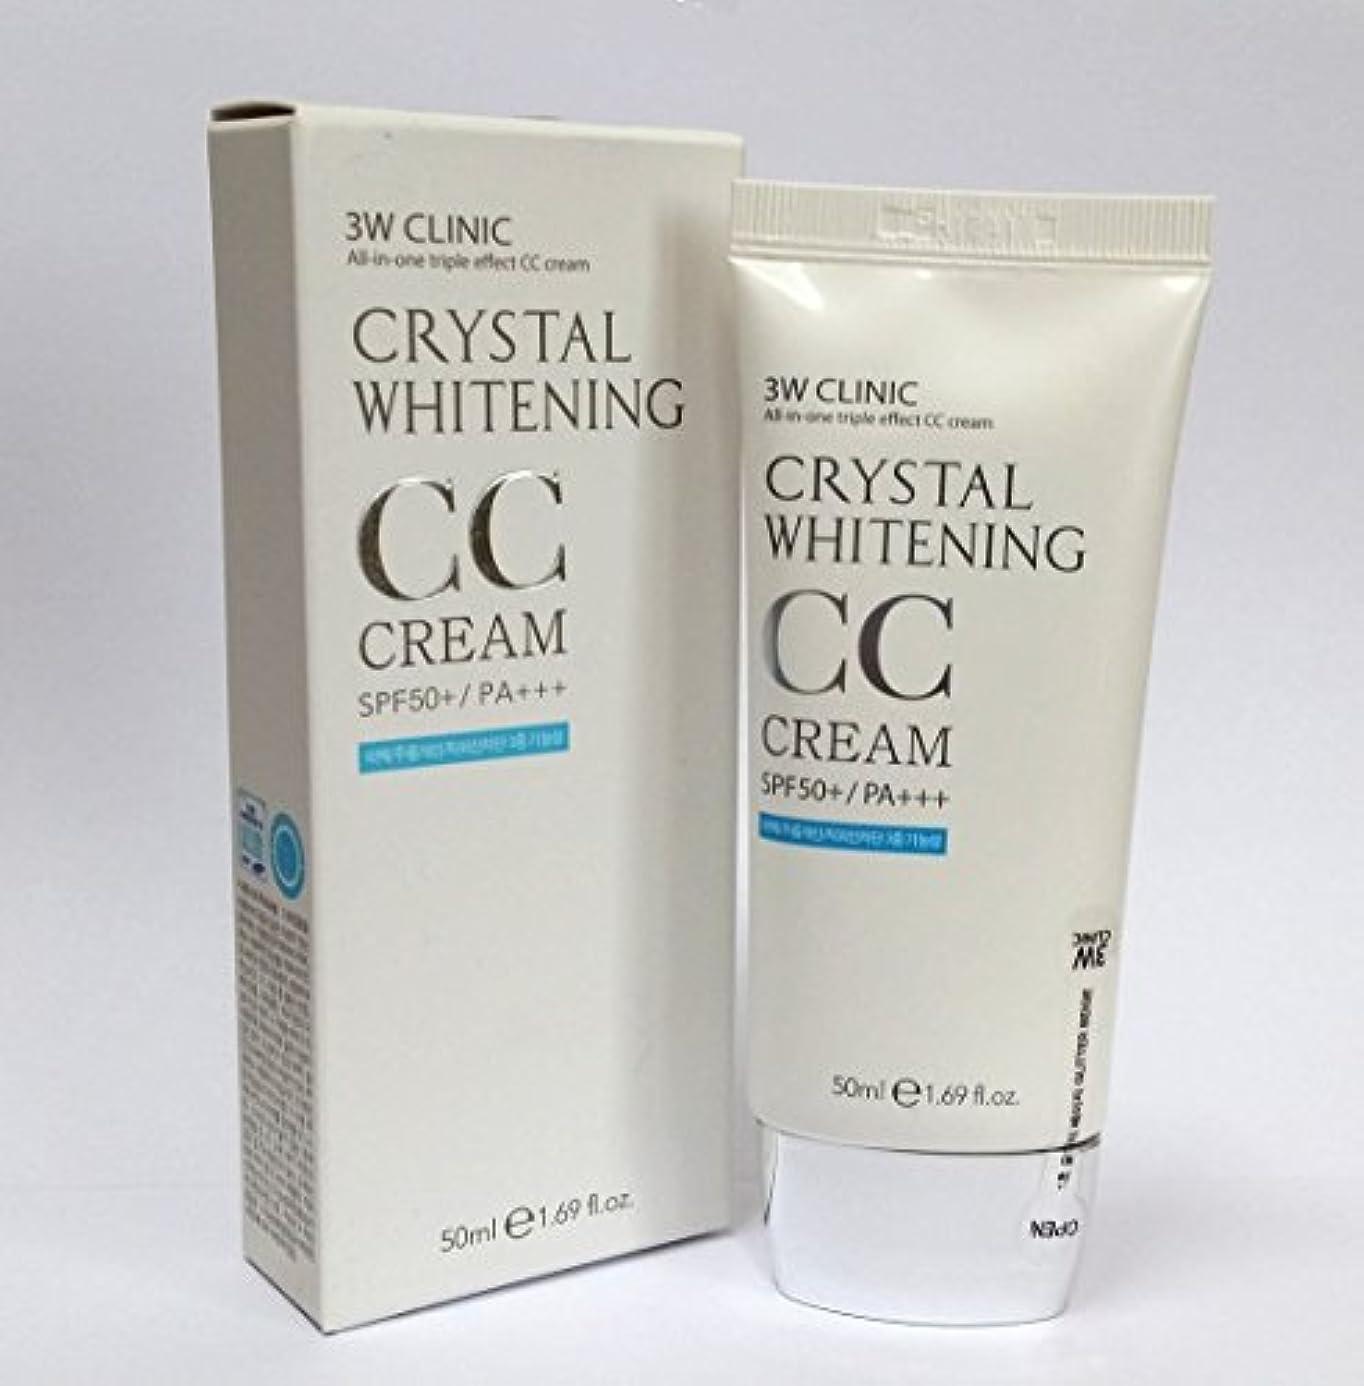 戦闘再生可能太い[3W CLINIC] クリスタルホワイトニングCCクリーム50ml SPF50 PA +++ / #02 Natural Beige / Crystal Whitening CC Cream 50ml SPF50 PA...